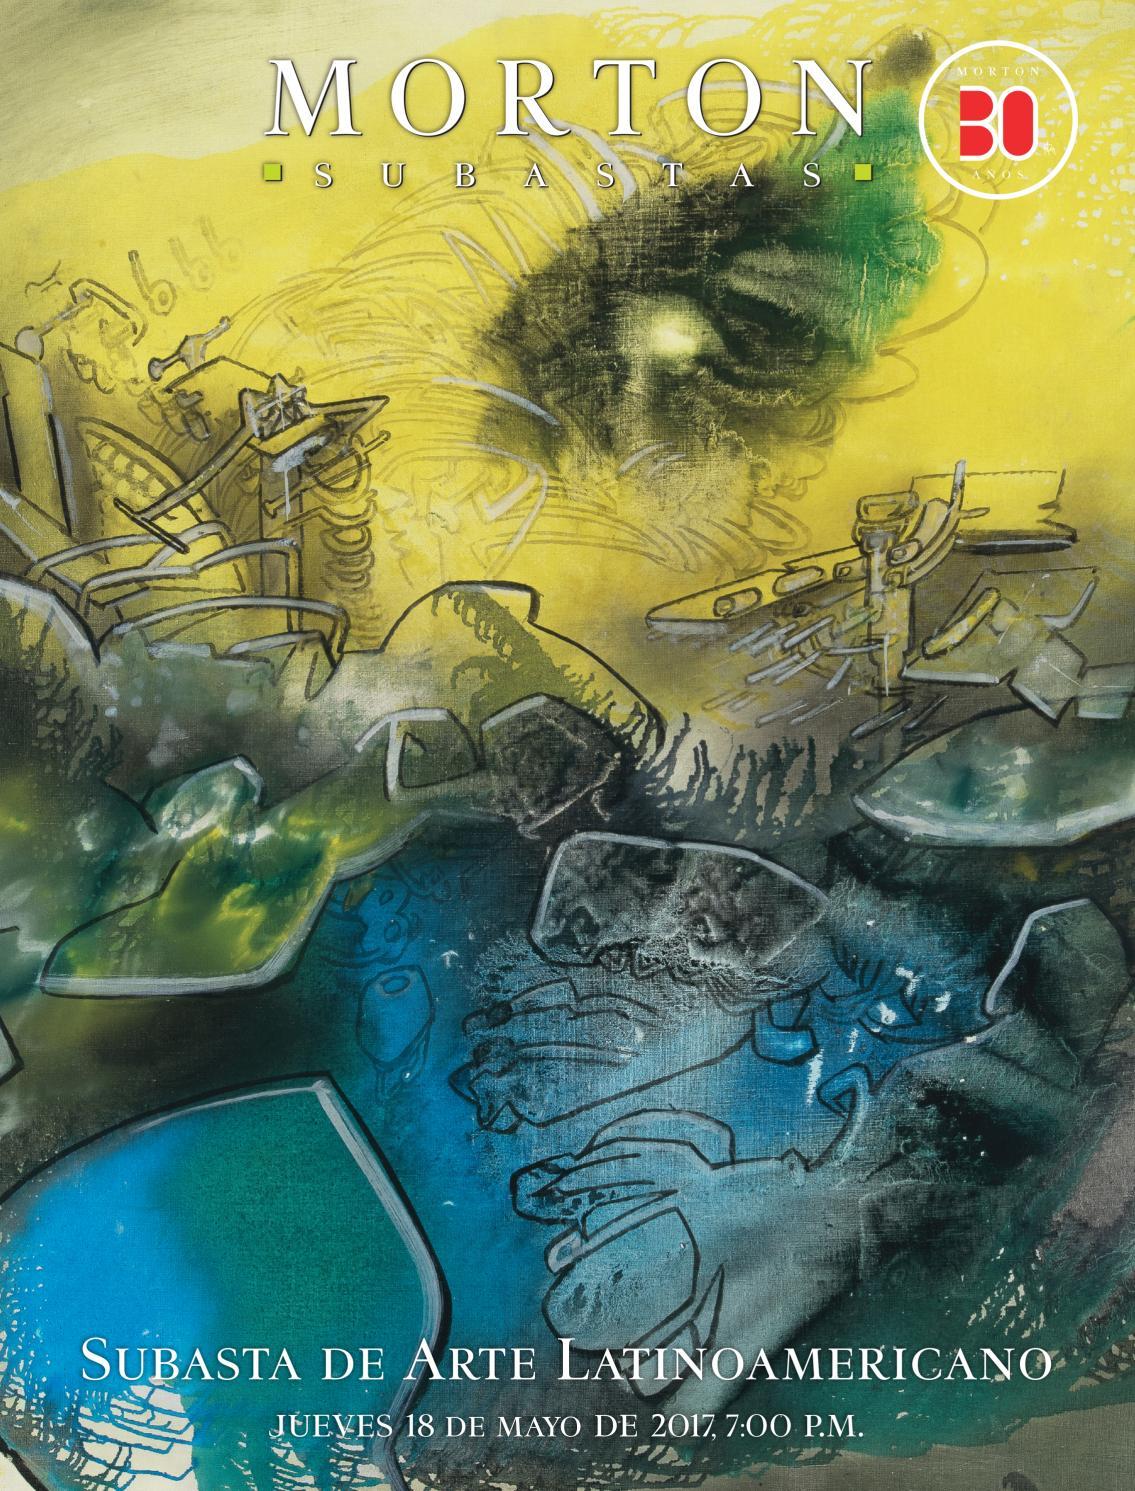 Subasta de Arte Latinoamericano by Morton Subastas - issuu